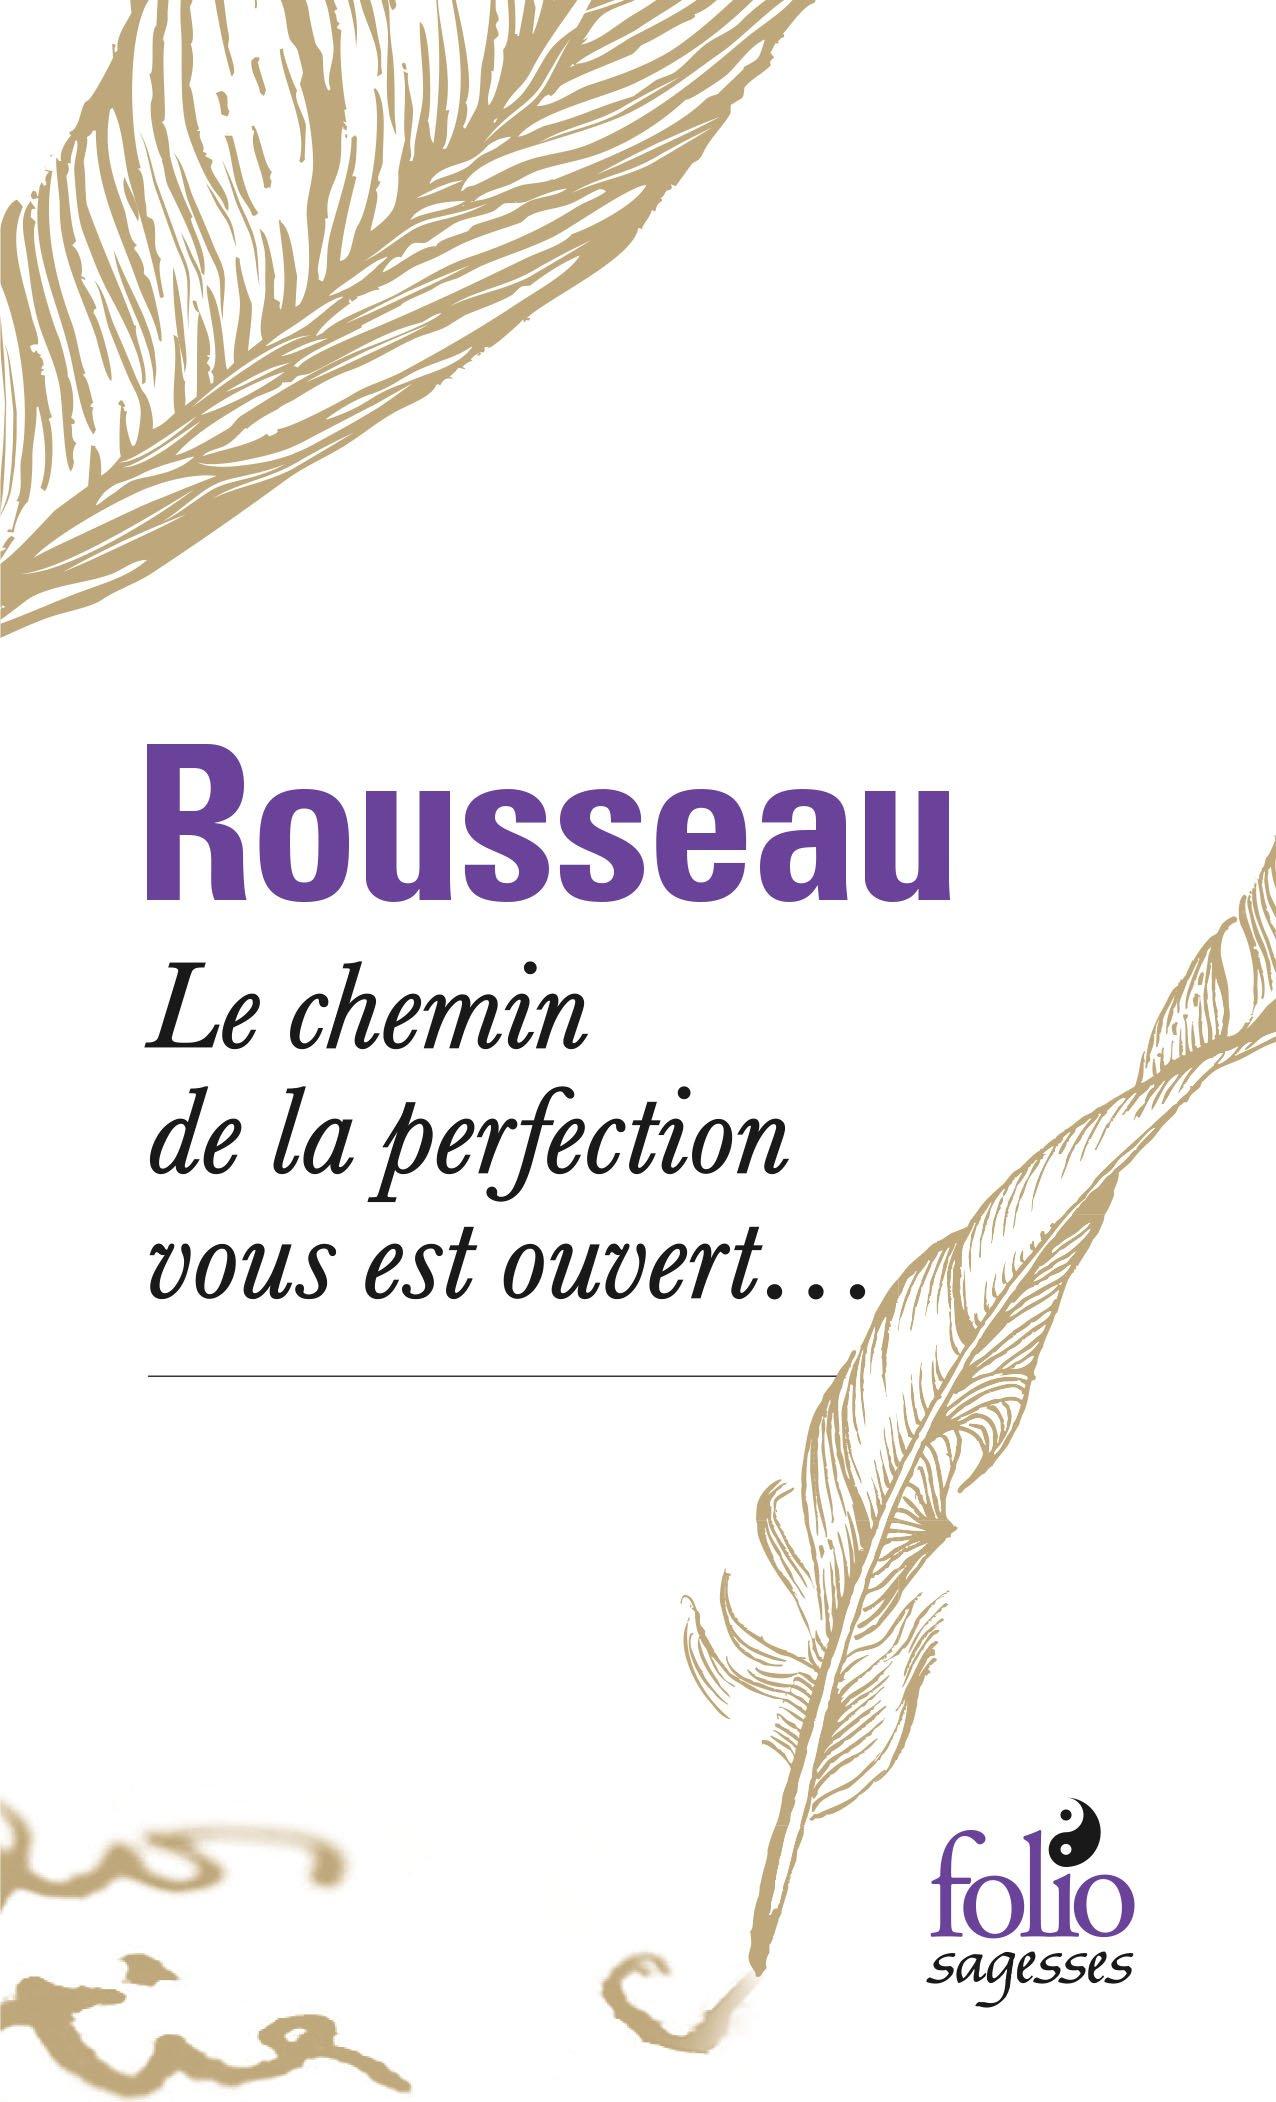 Le chemin de la perfection vous est ouvert... Poche – 6 avril 2017 Jean-Jacques Rousseau Bernard Gagnebin Marcel Raymond Henri Gouhier